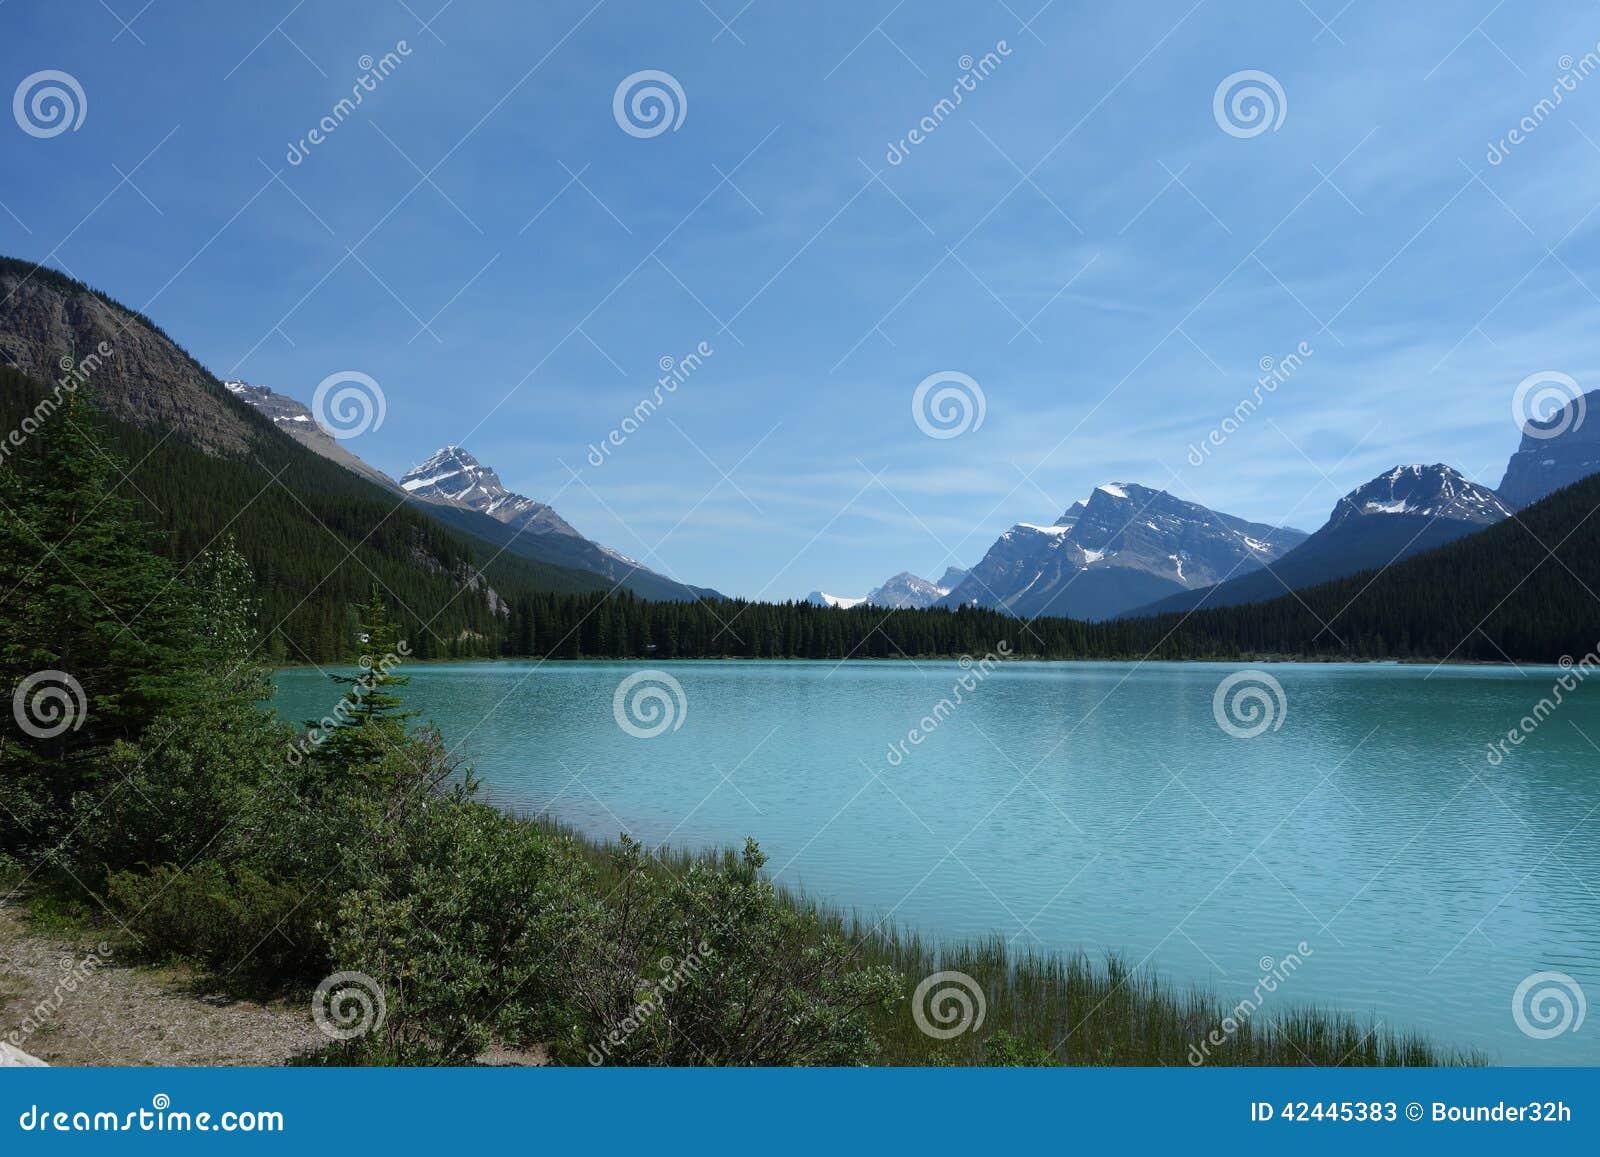 Una escena hermosa del parque nacional de banff